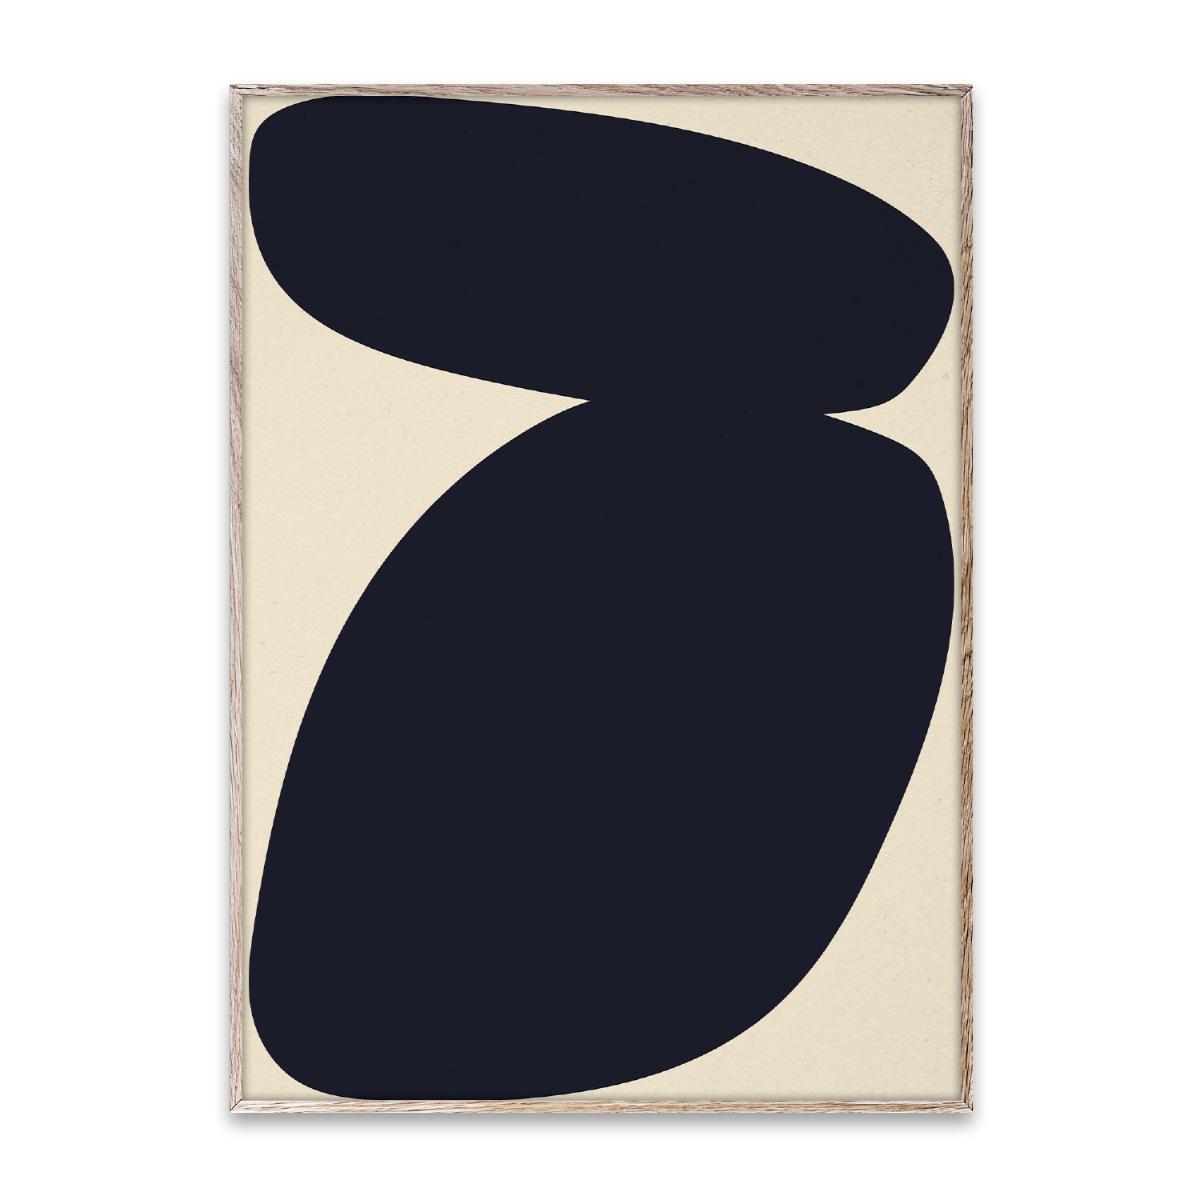 Designtorget Poster Solid Shapes 03 50x70 cm